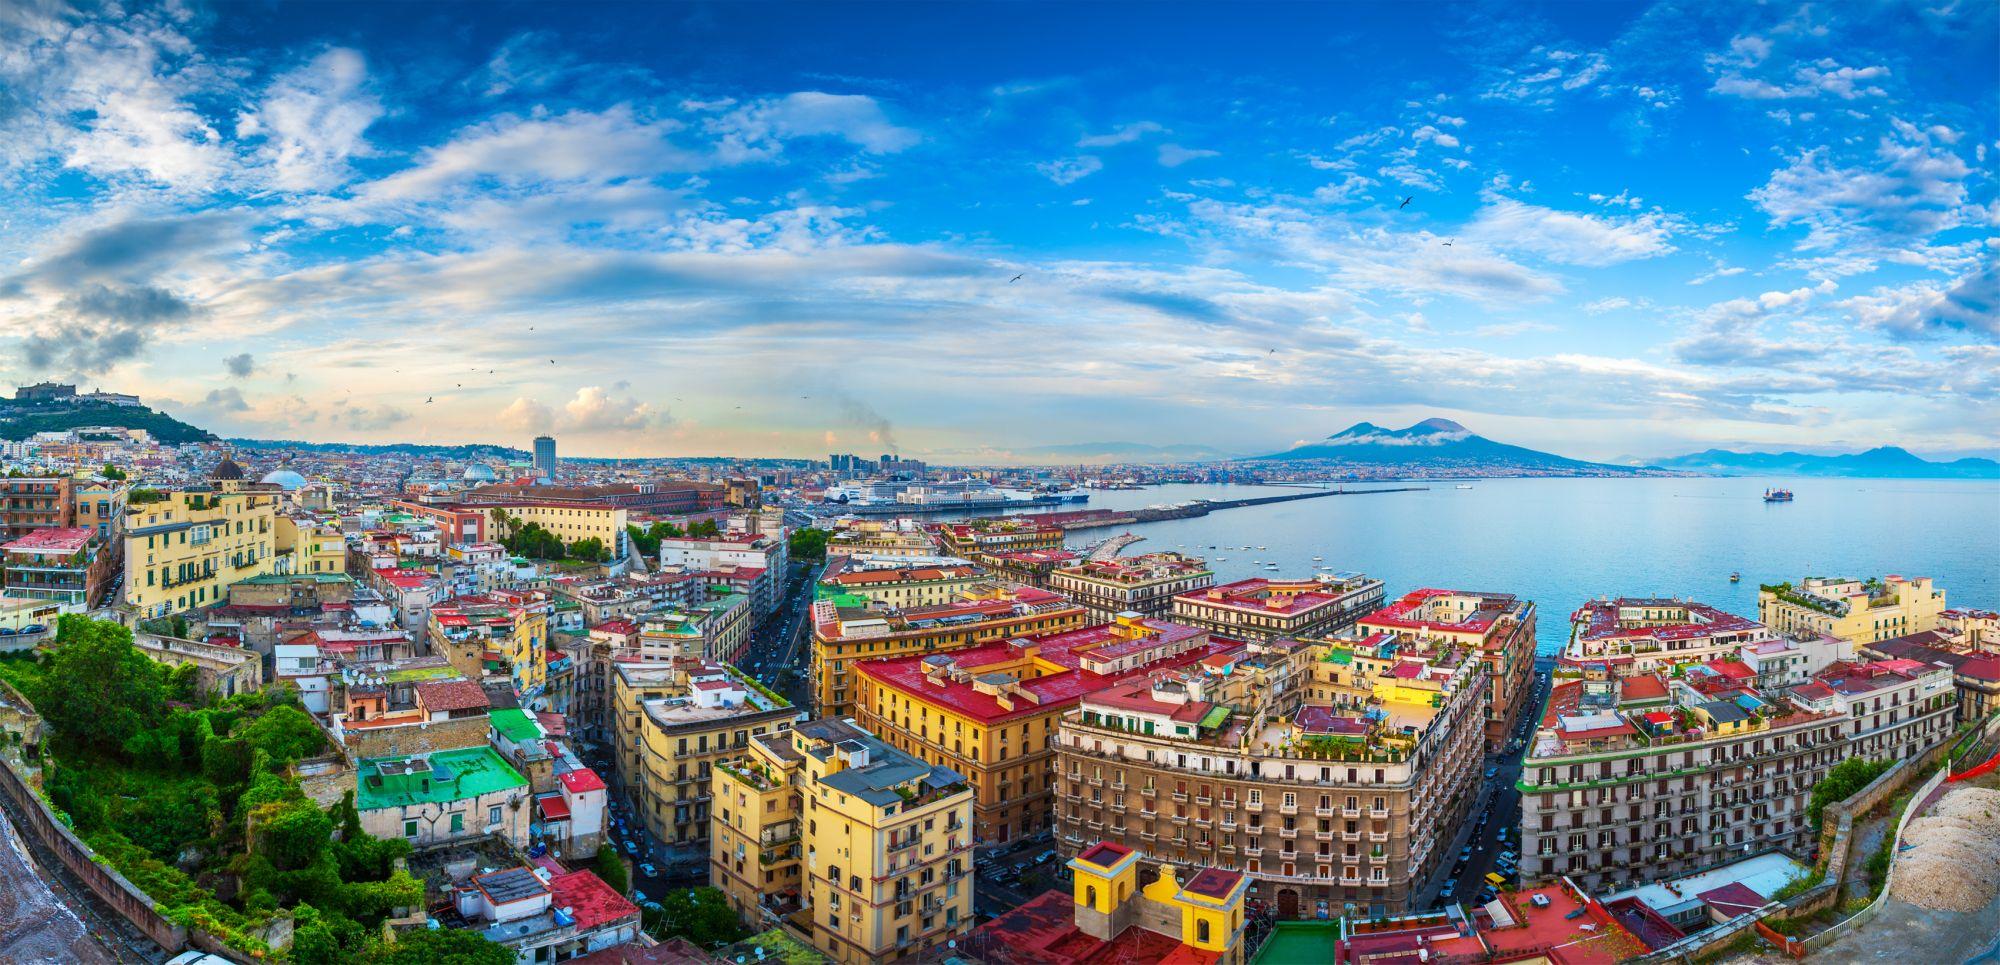 Neapol panorama miasta